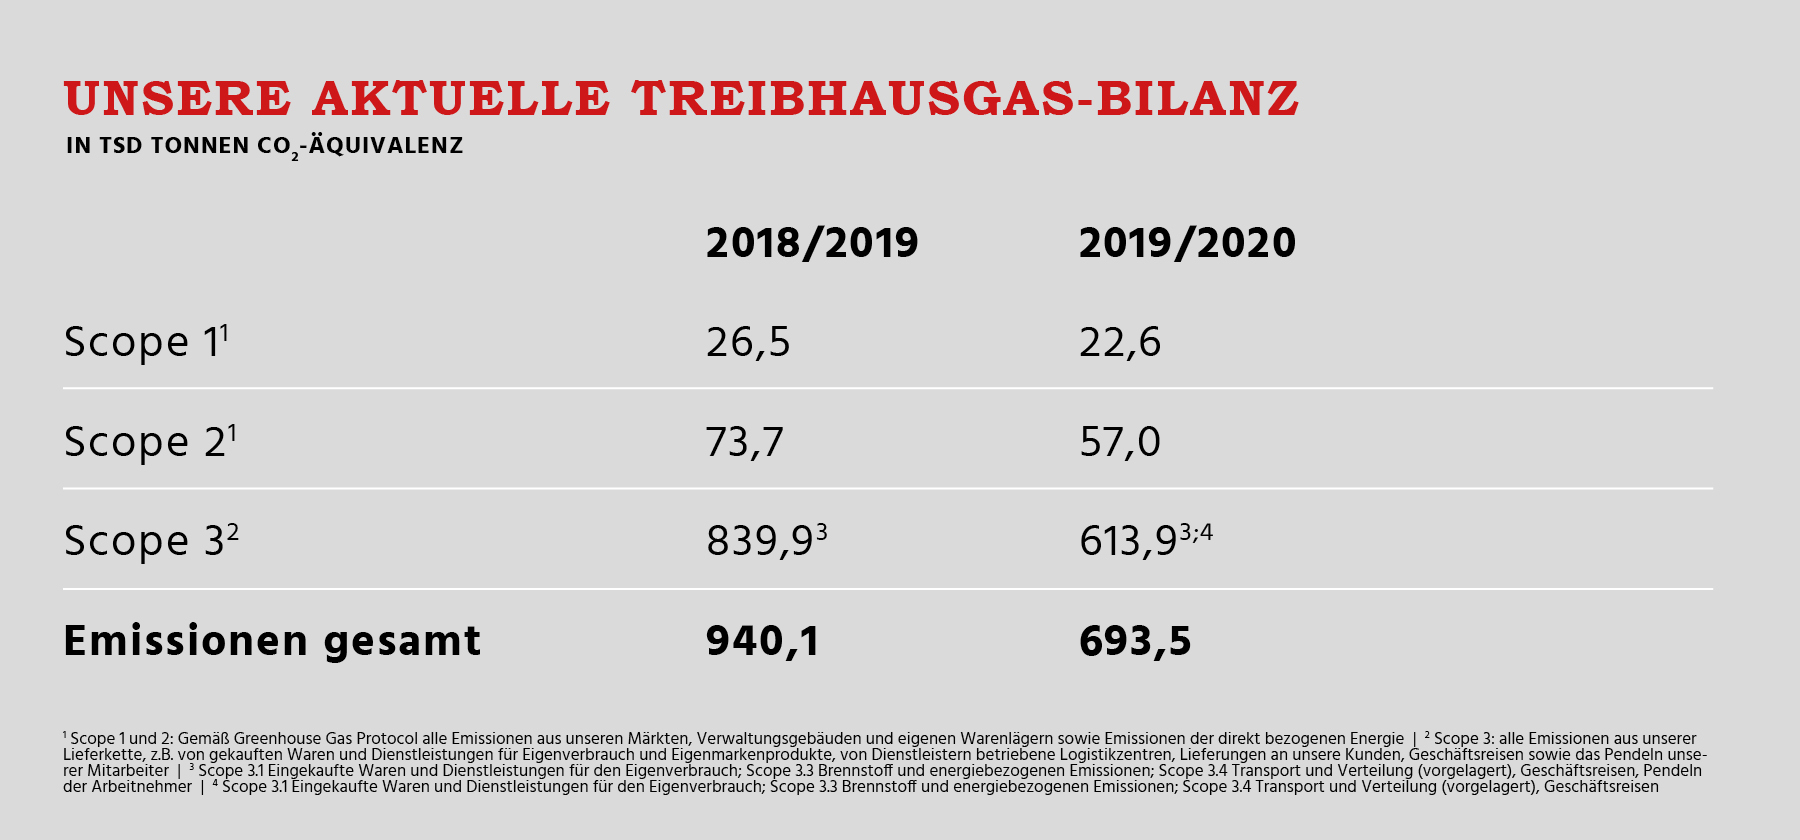 Aktuelle Treibhausgas-Bilanz